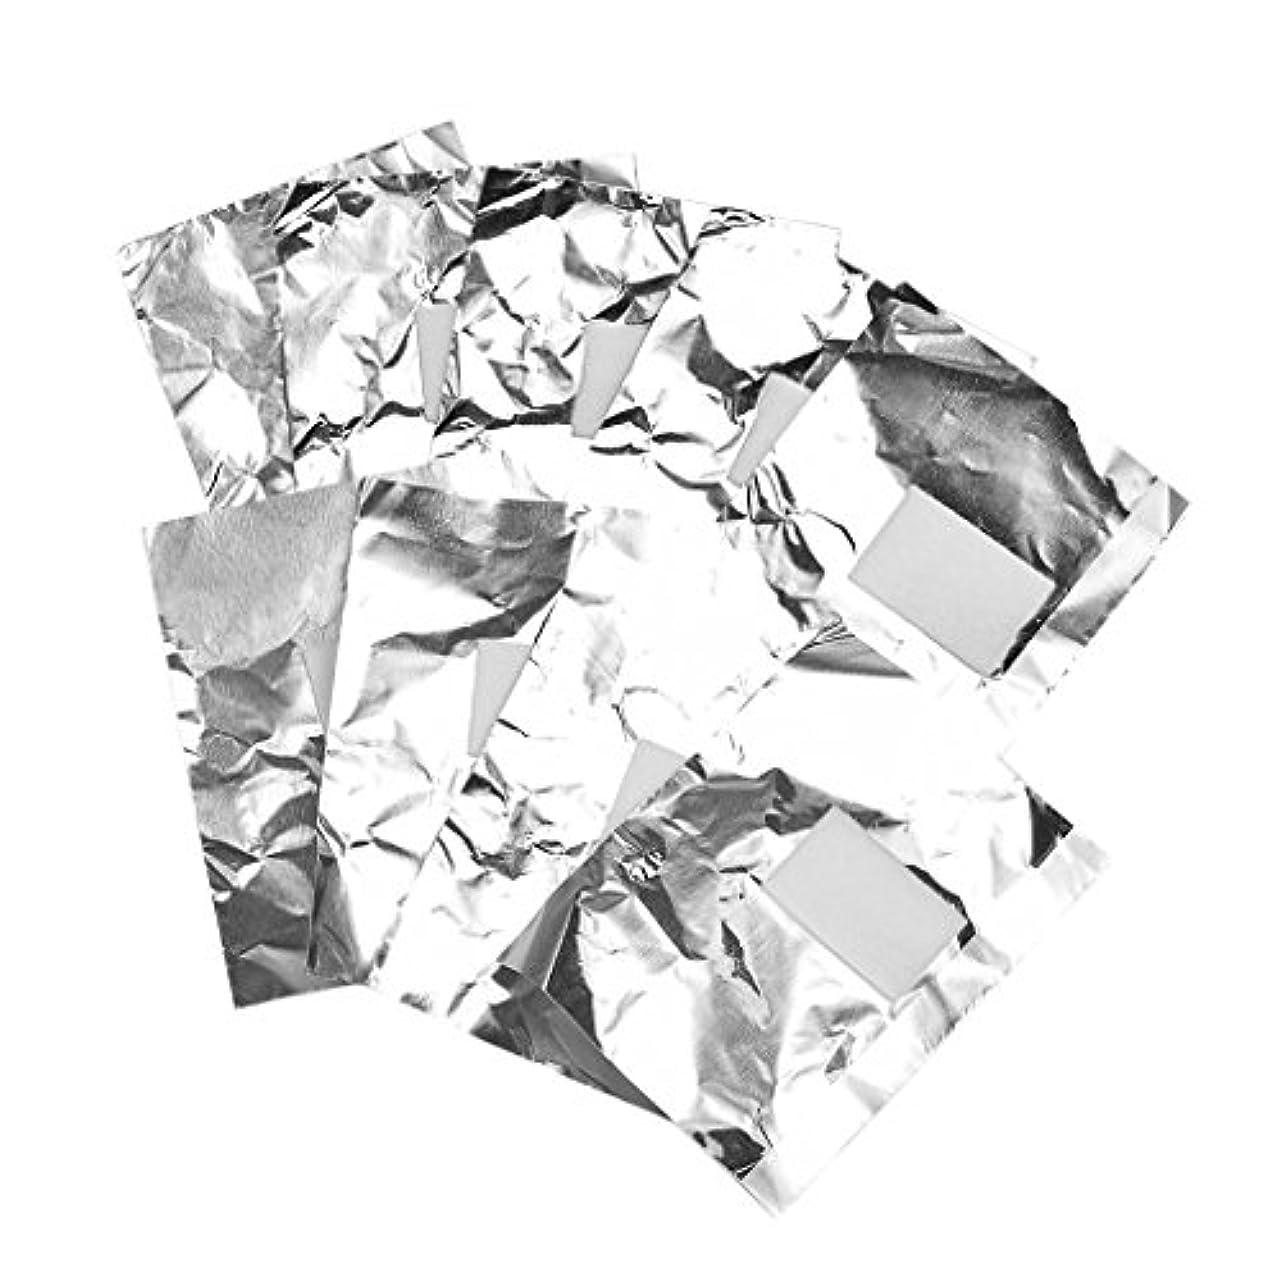 ラジウム却下するミッション約100枚 ジェル除却 ネイルアート 錫箔紙 のり除却可能 ネイルオイル クリーナーツール 爪装飾除き 包み紙